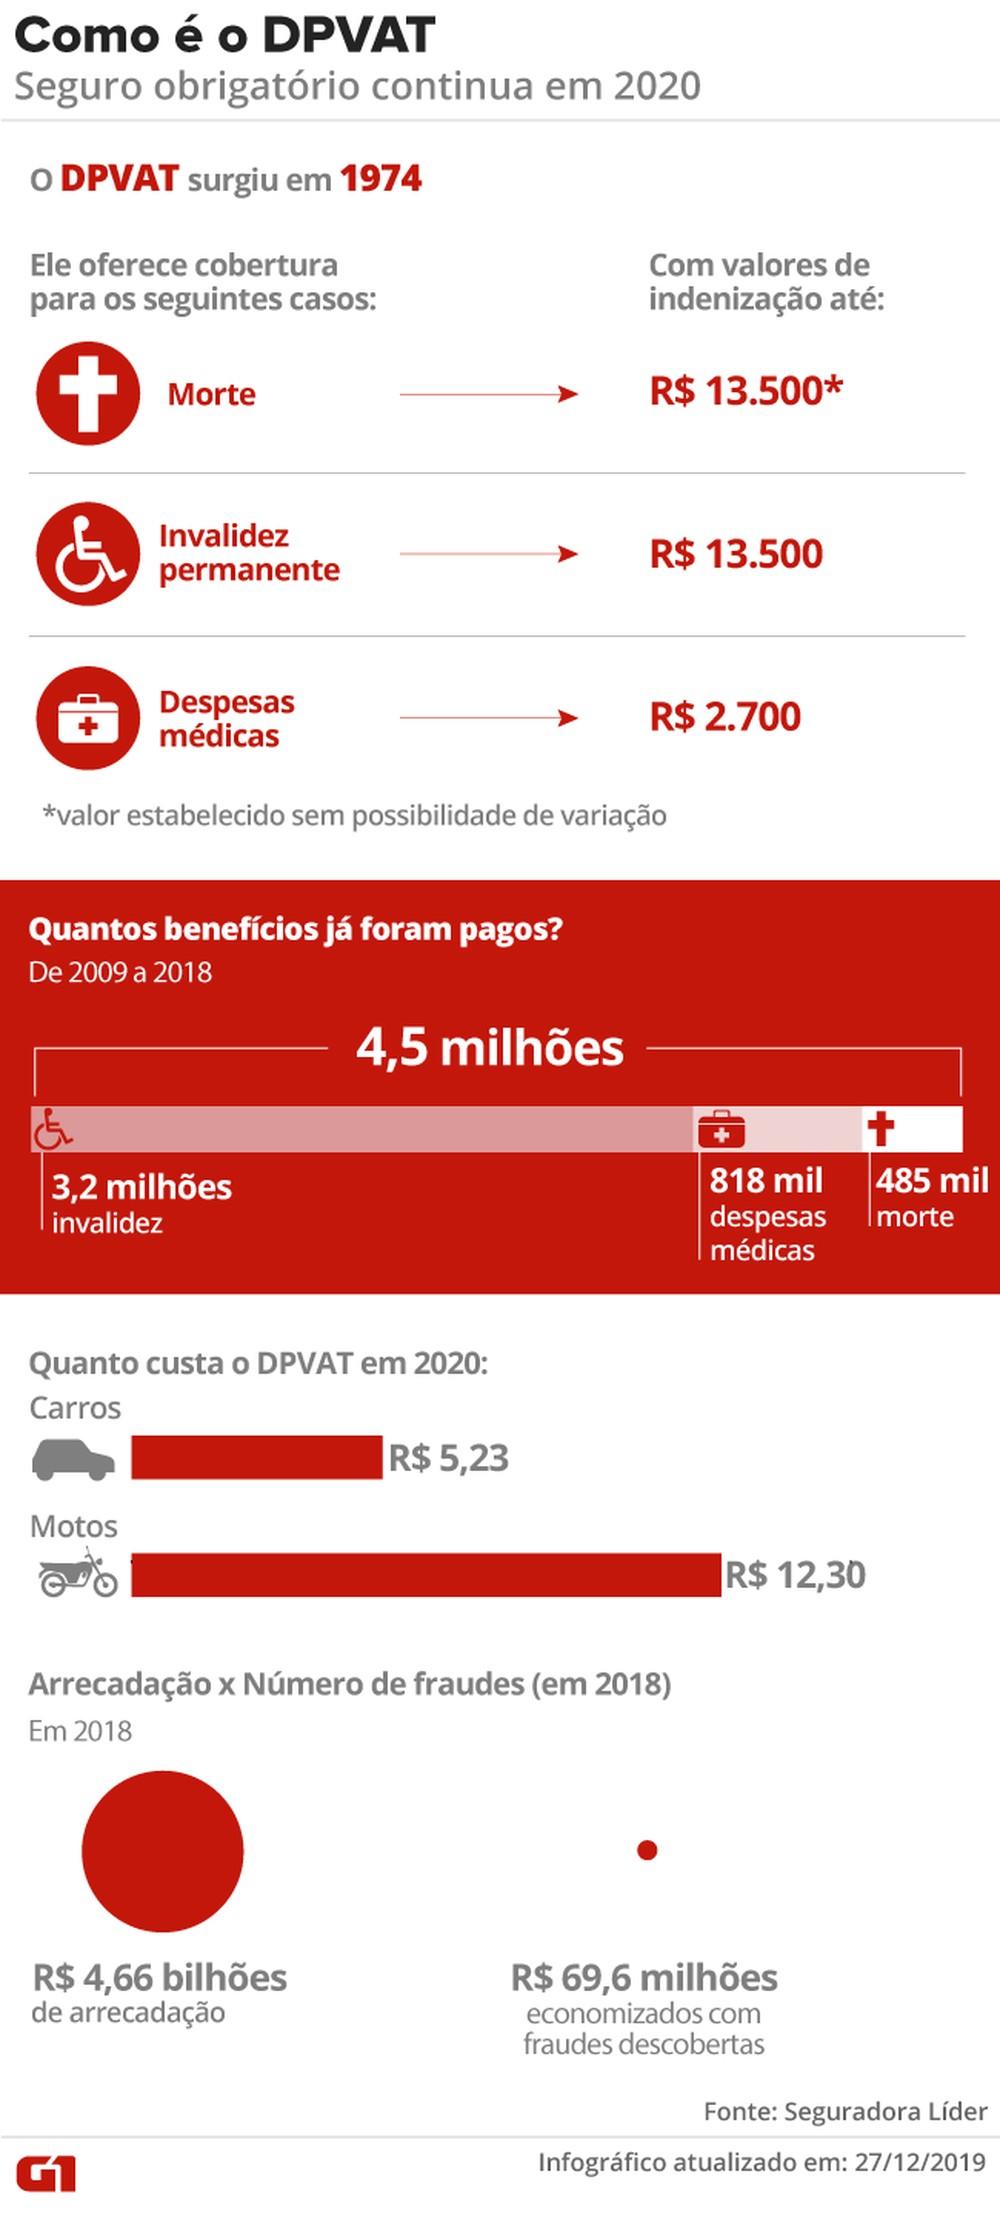 Seguro DPVAT 2020 tem redução de 68% para carros, e valor cai para R$ 5,23 Dpvat-10